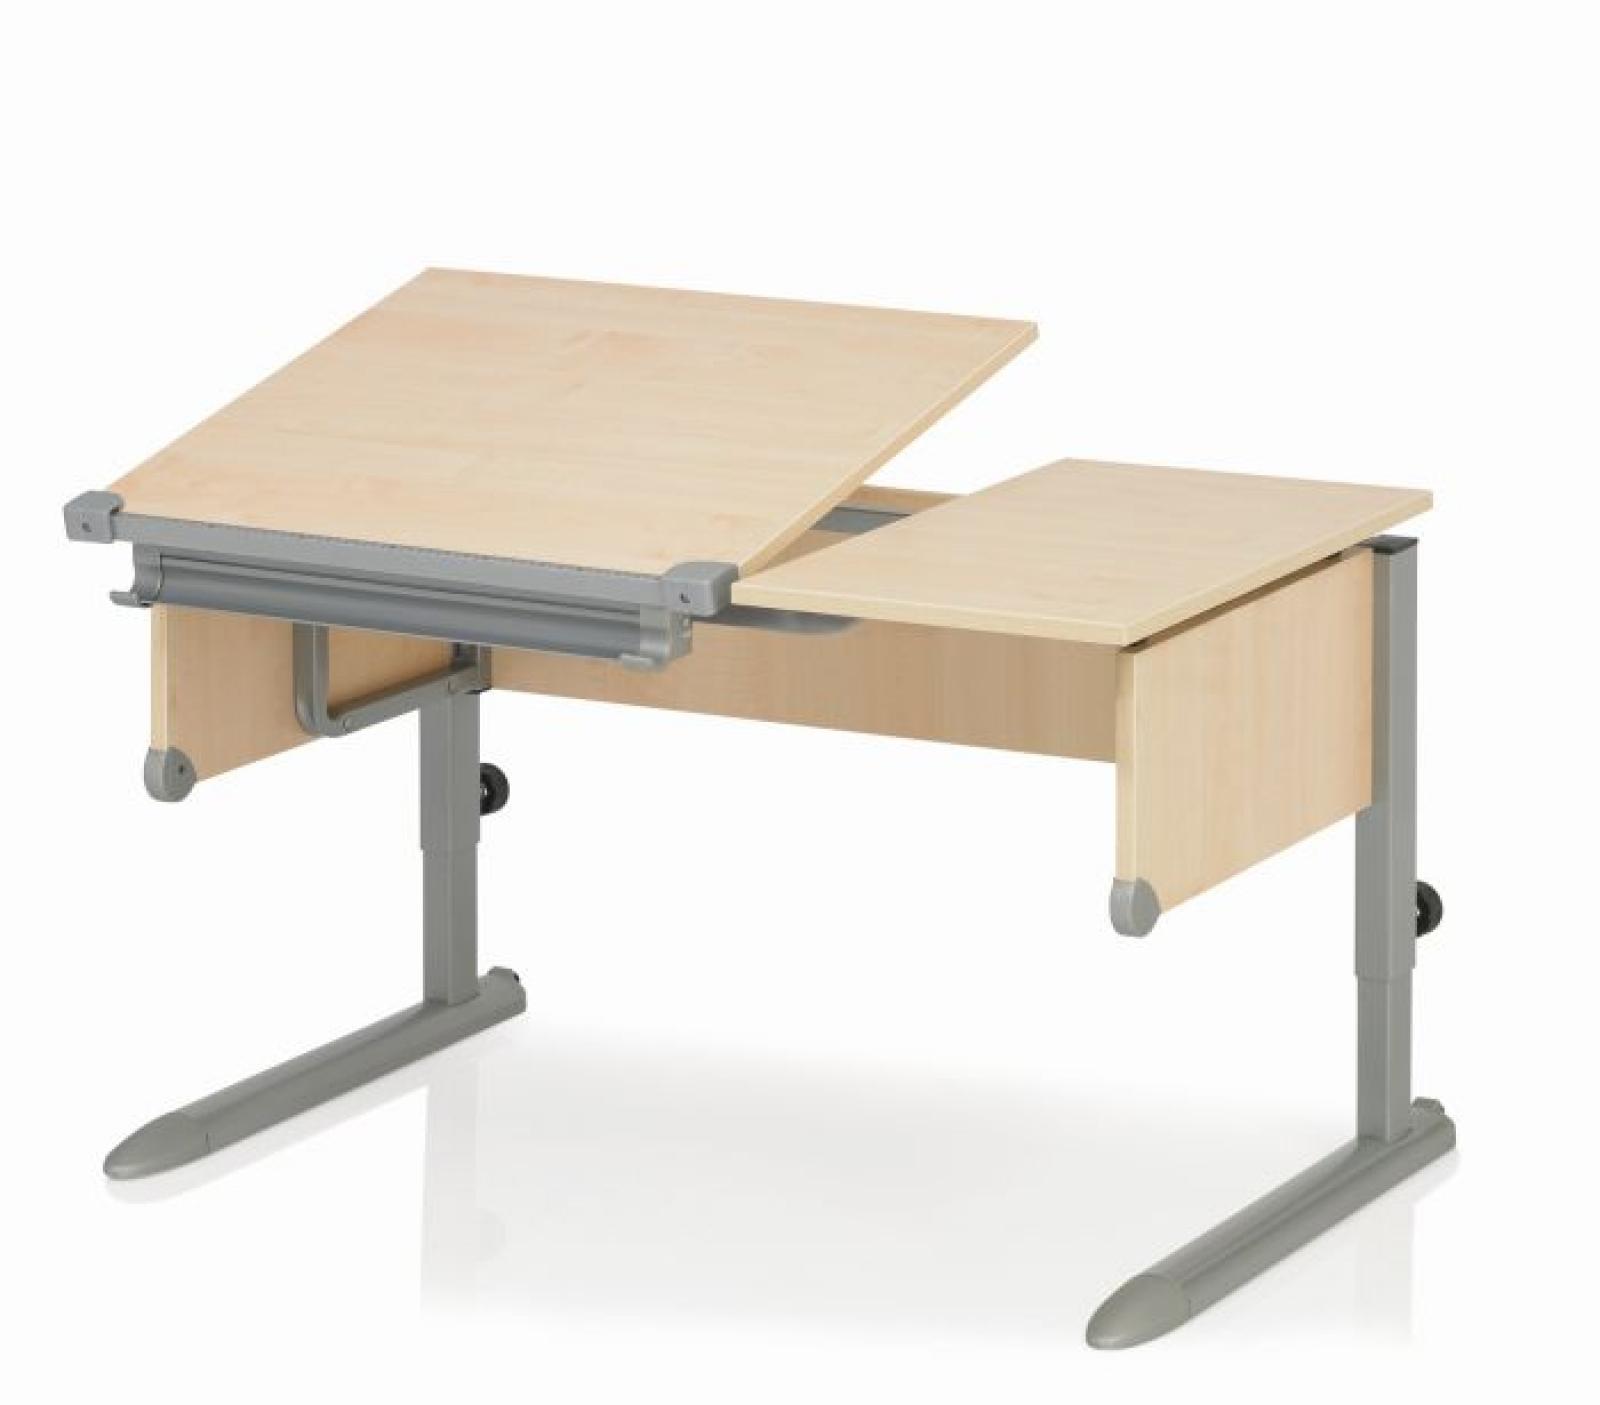 Kettler schreibtisch comfort ii ahorn silber for Schreibtisch ahorn